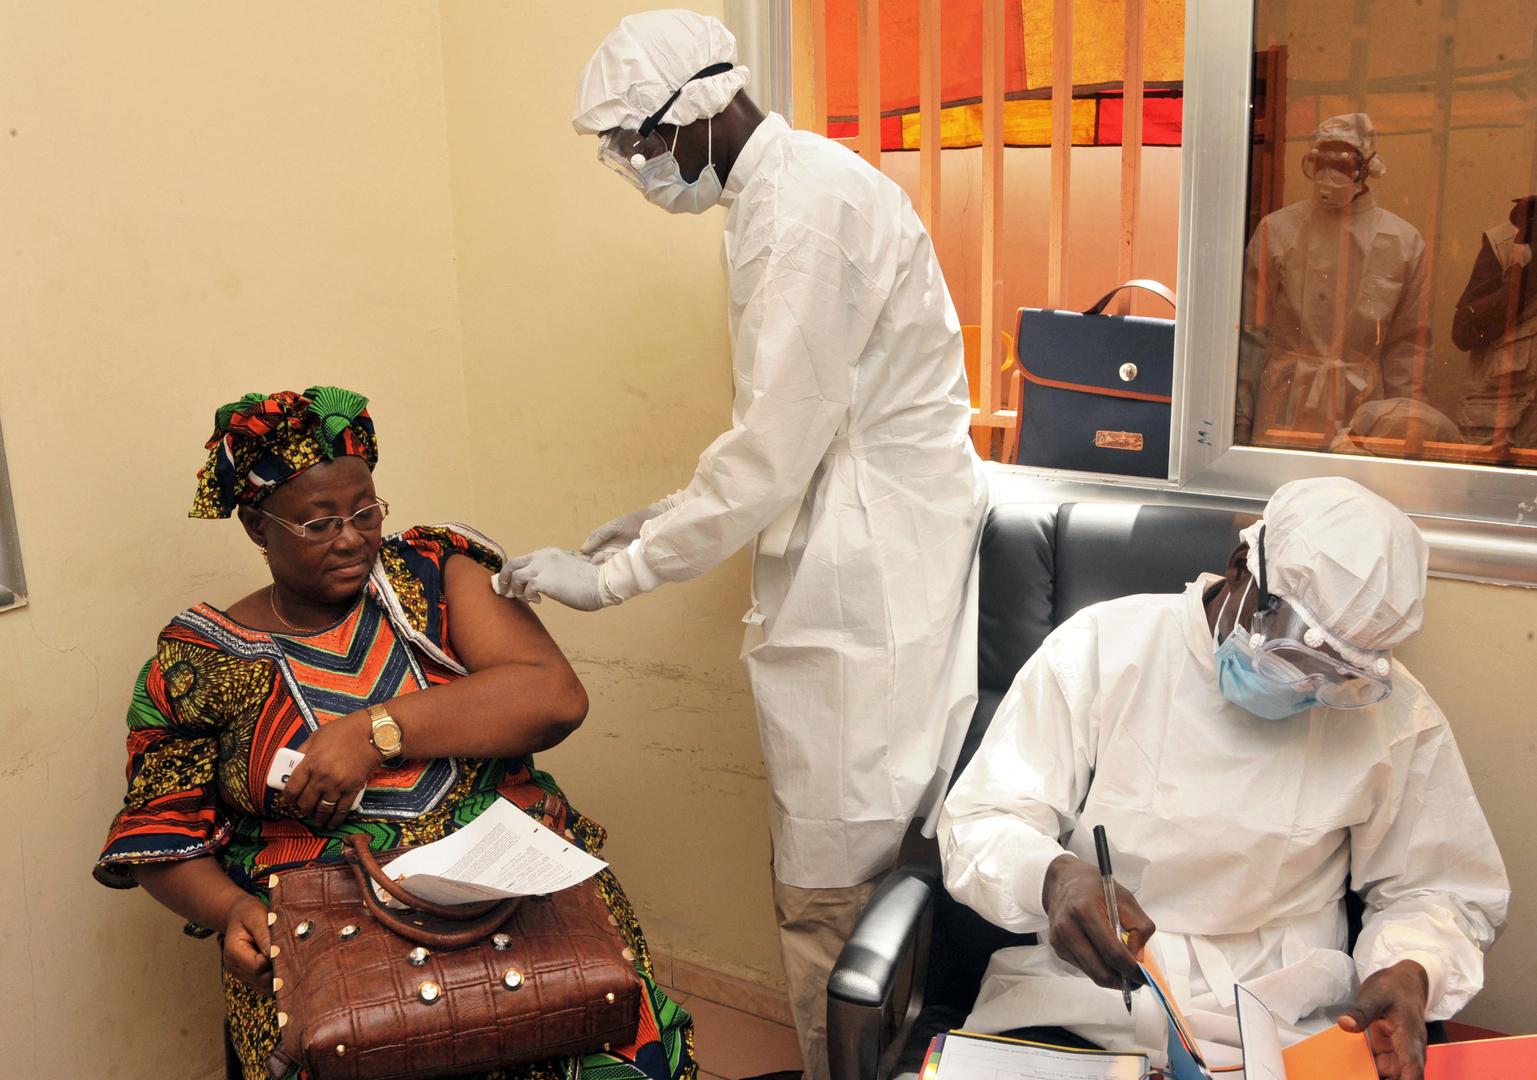 تحذير روسي من تحول غينيا إلى بؤرة لفيروس إيبولا بحلول الصيف